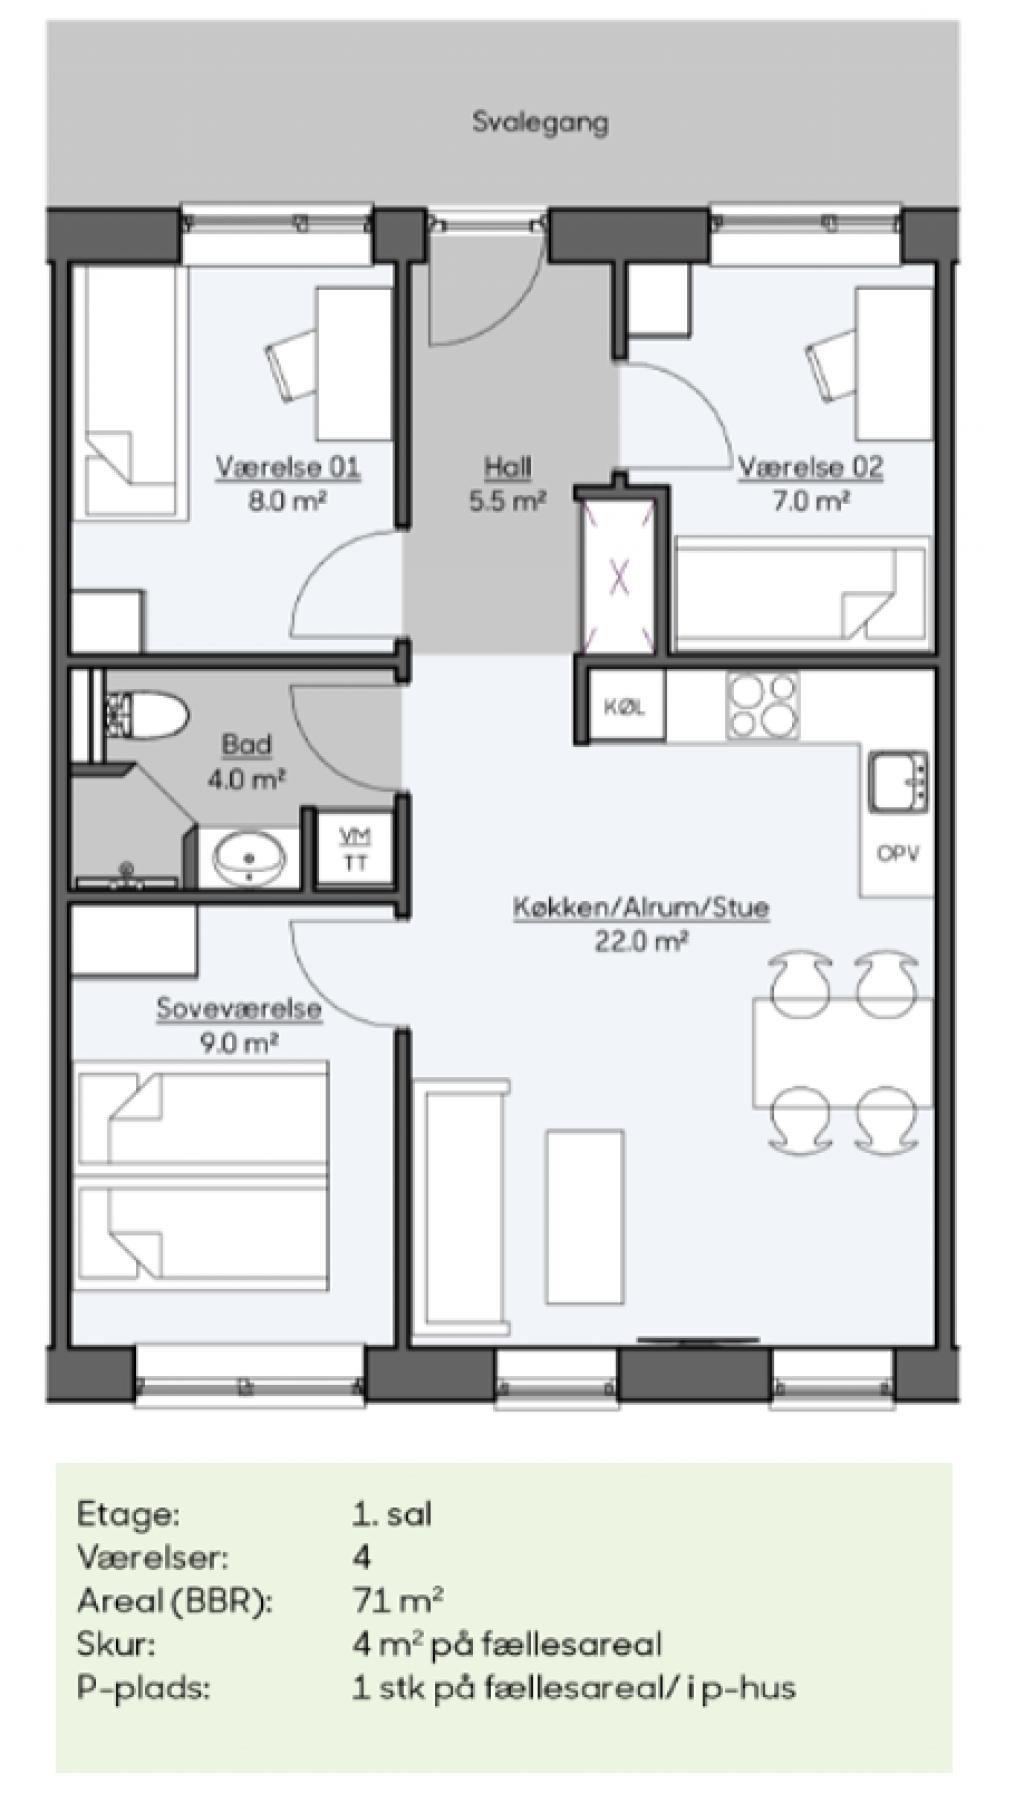 Vedligholdelsesfri bolig med adgang til attraktive fællesfaciliteter i Hedehusene - 1._sals_bolig_1_fc3c17c23545176fb4329ef22d7e6596